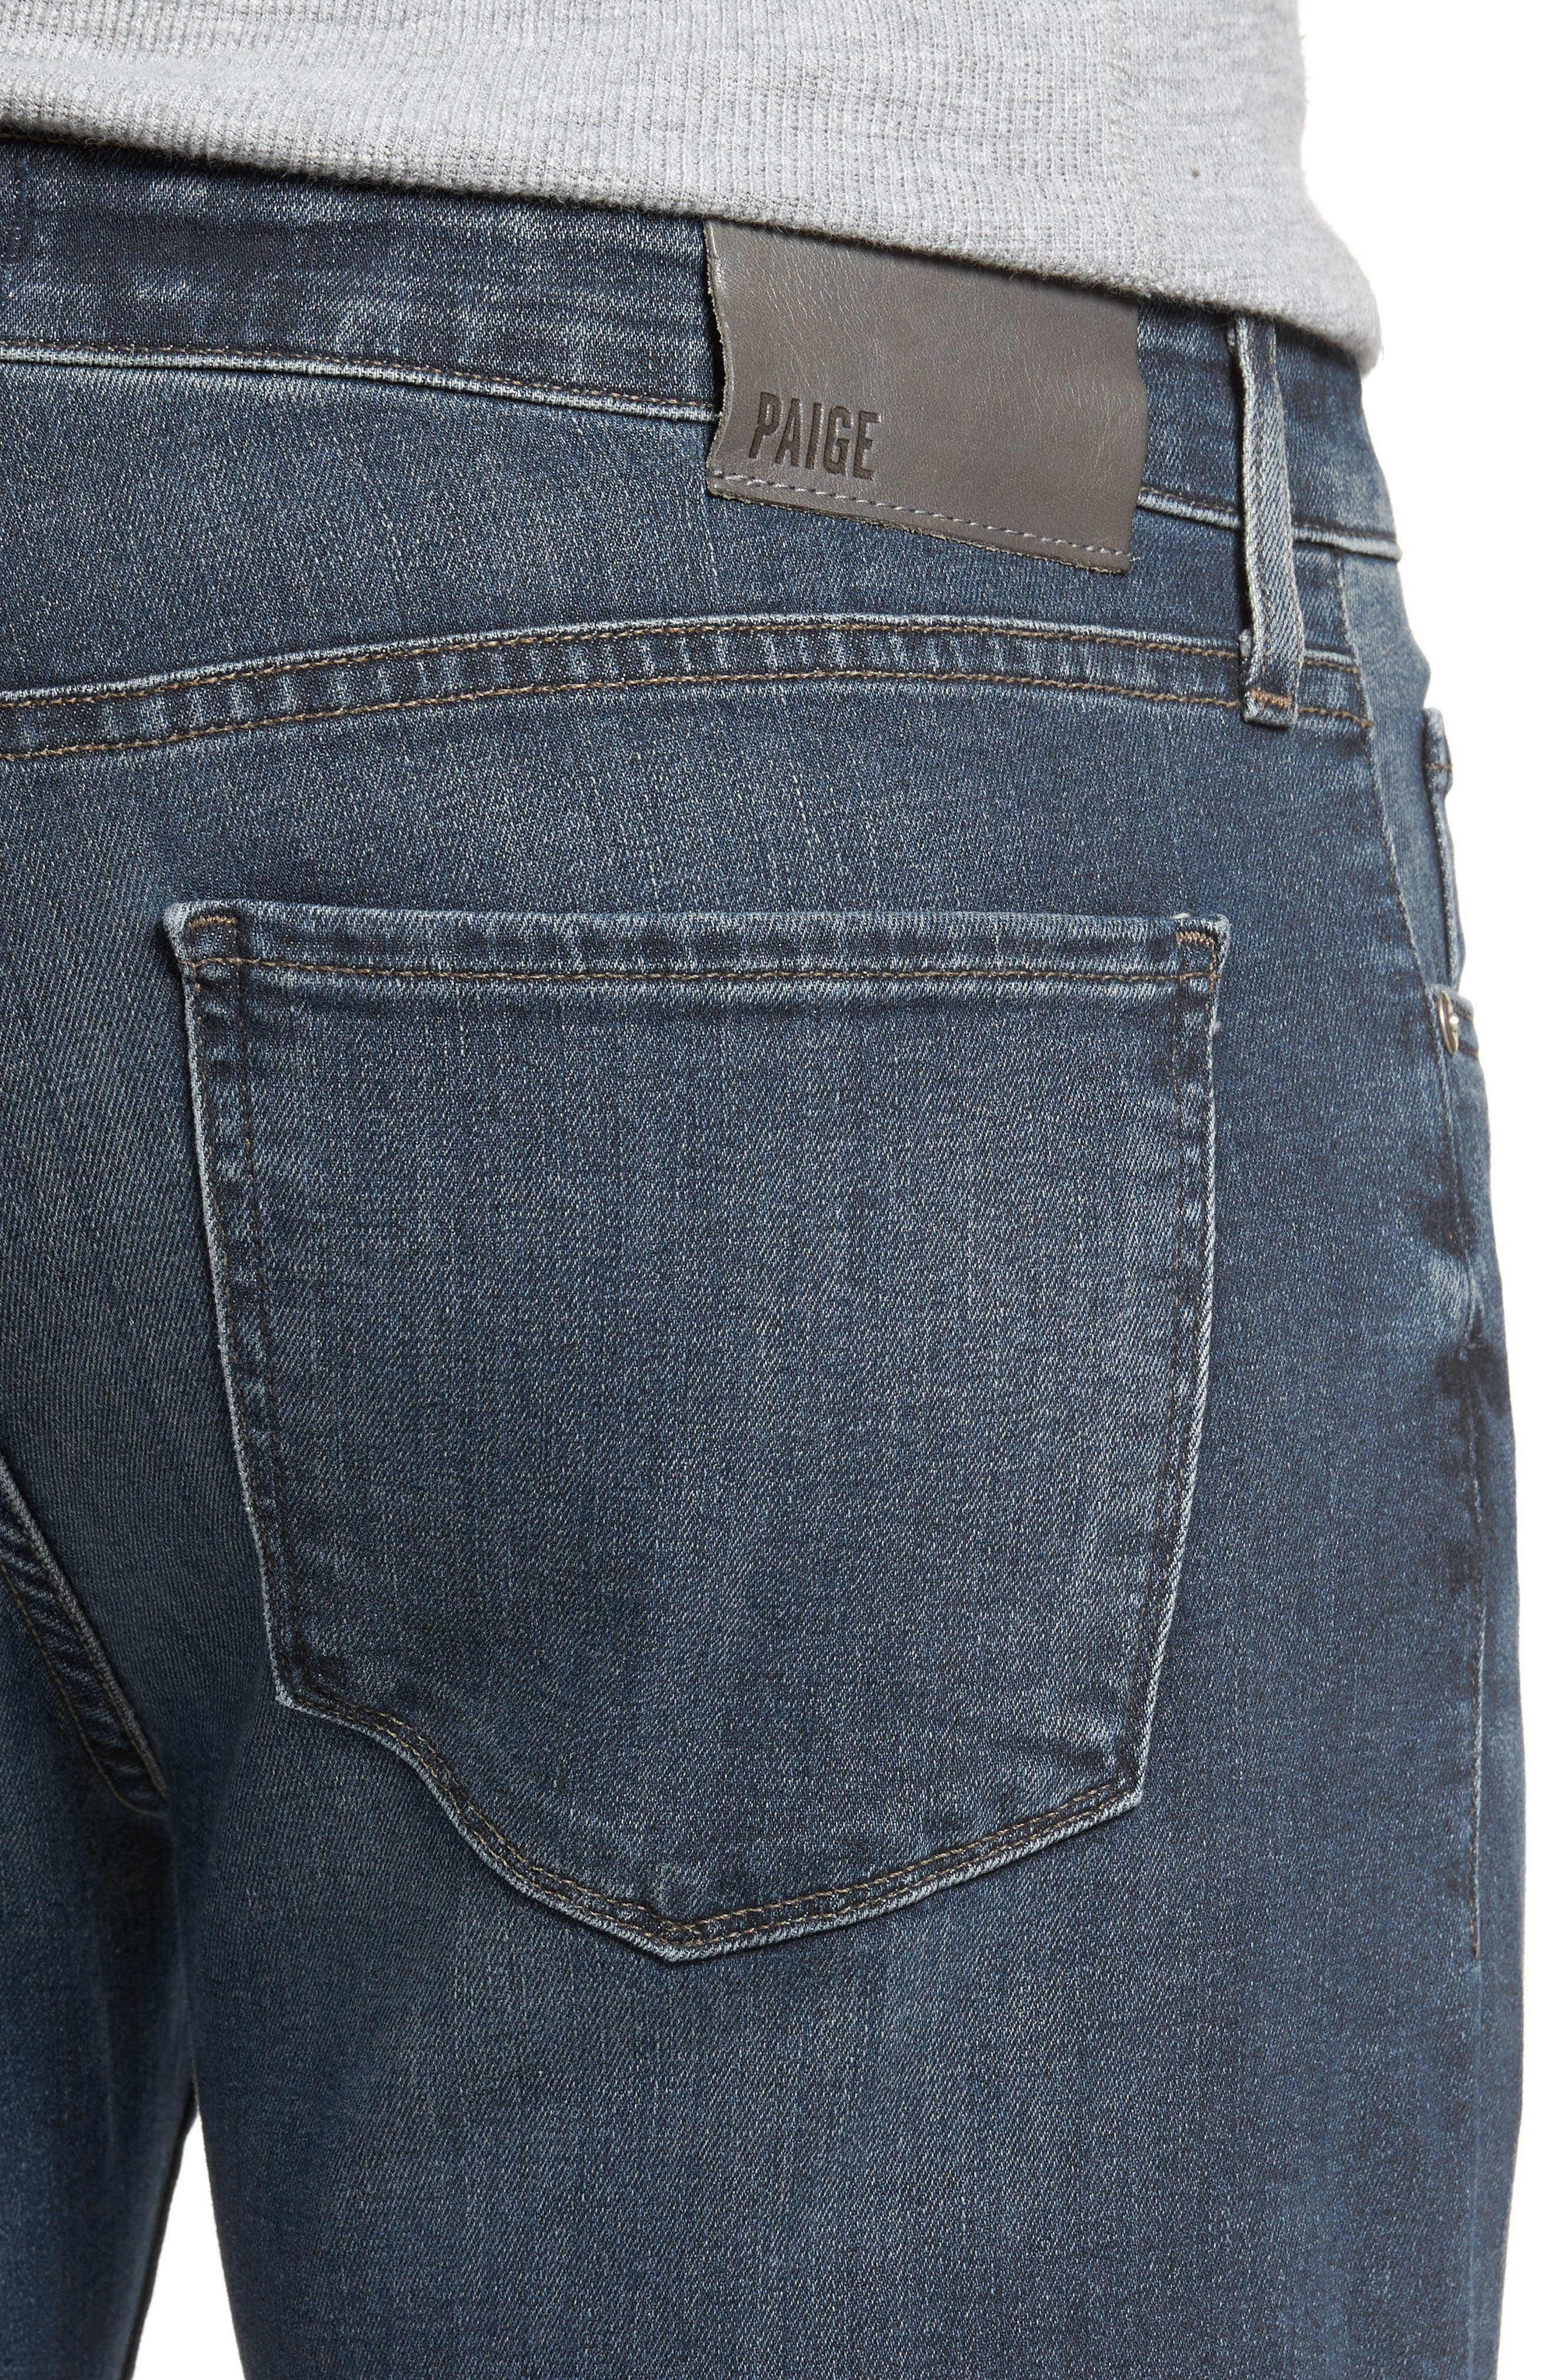 Normandie Straight Leg Jeans,                             Alternate thumbnail 4, color,                             Daniels